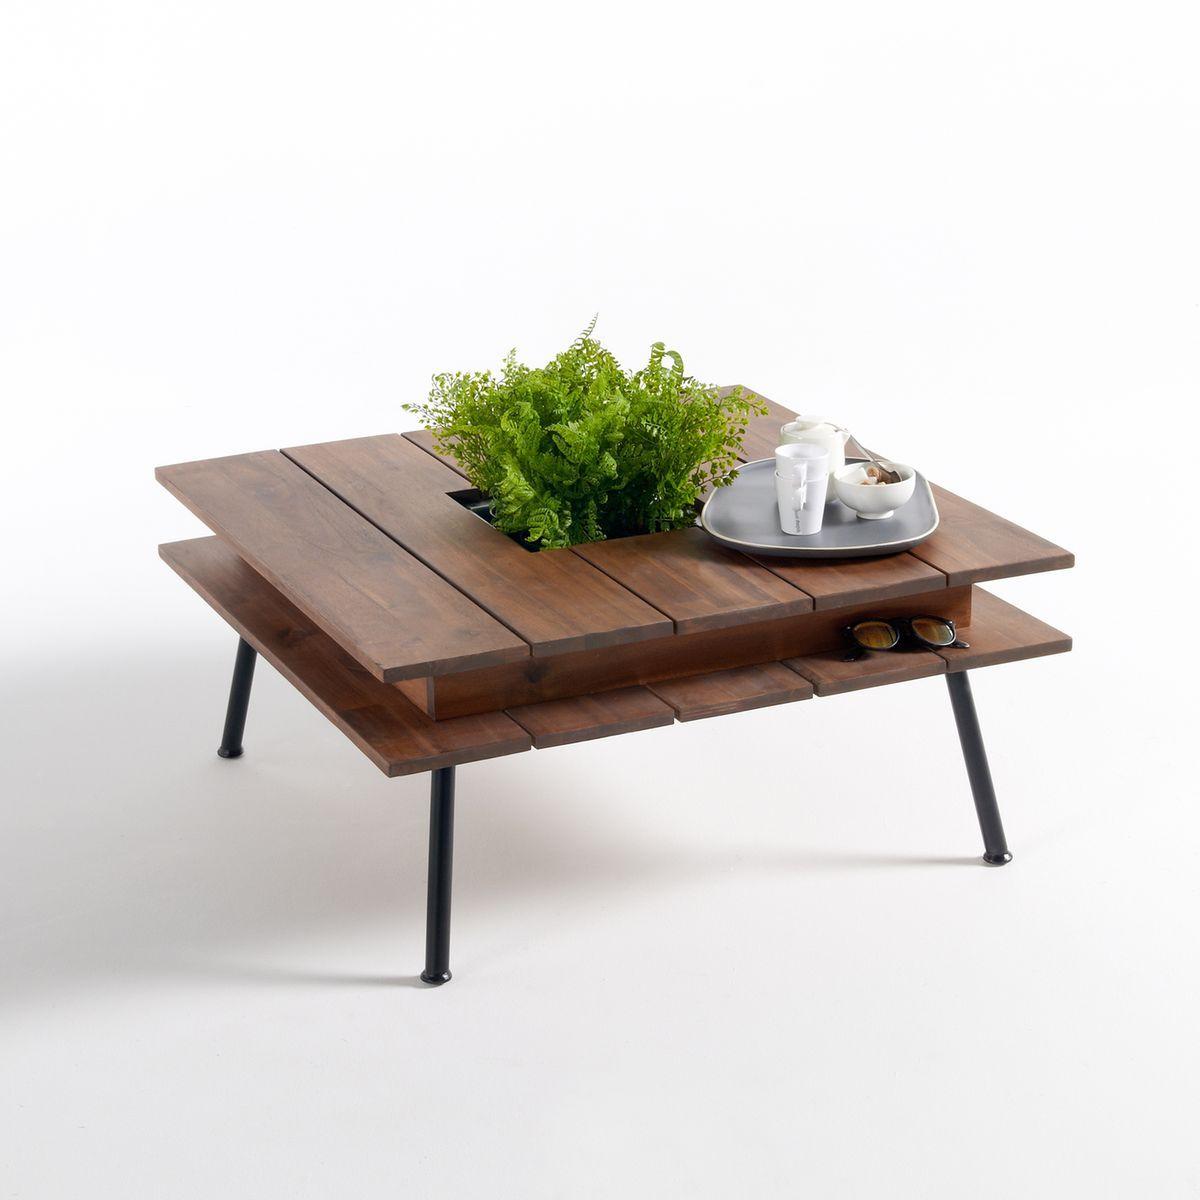 La Redoute Table basse double plateau Chesnut - LA REDOUTE INTERIEURS